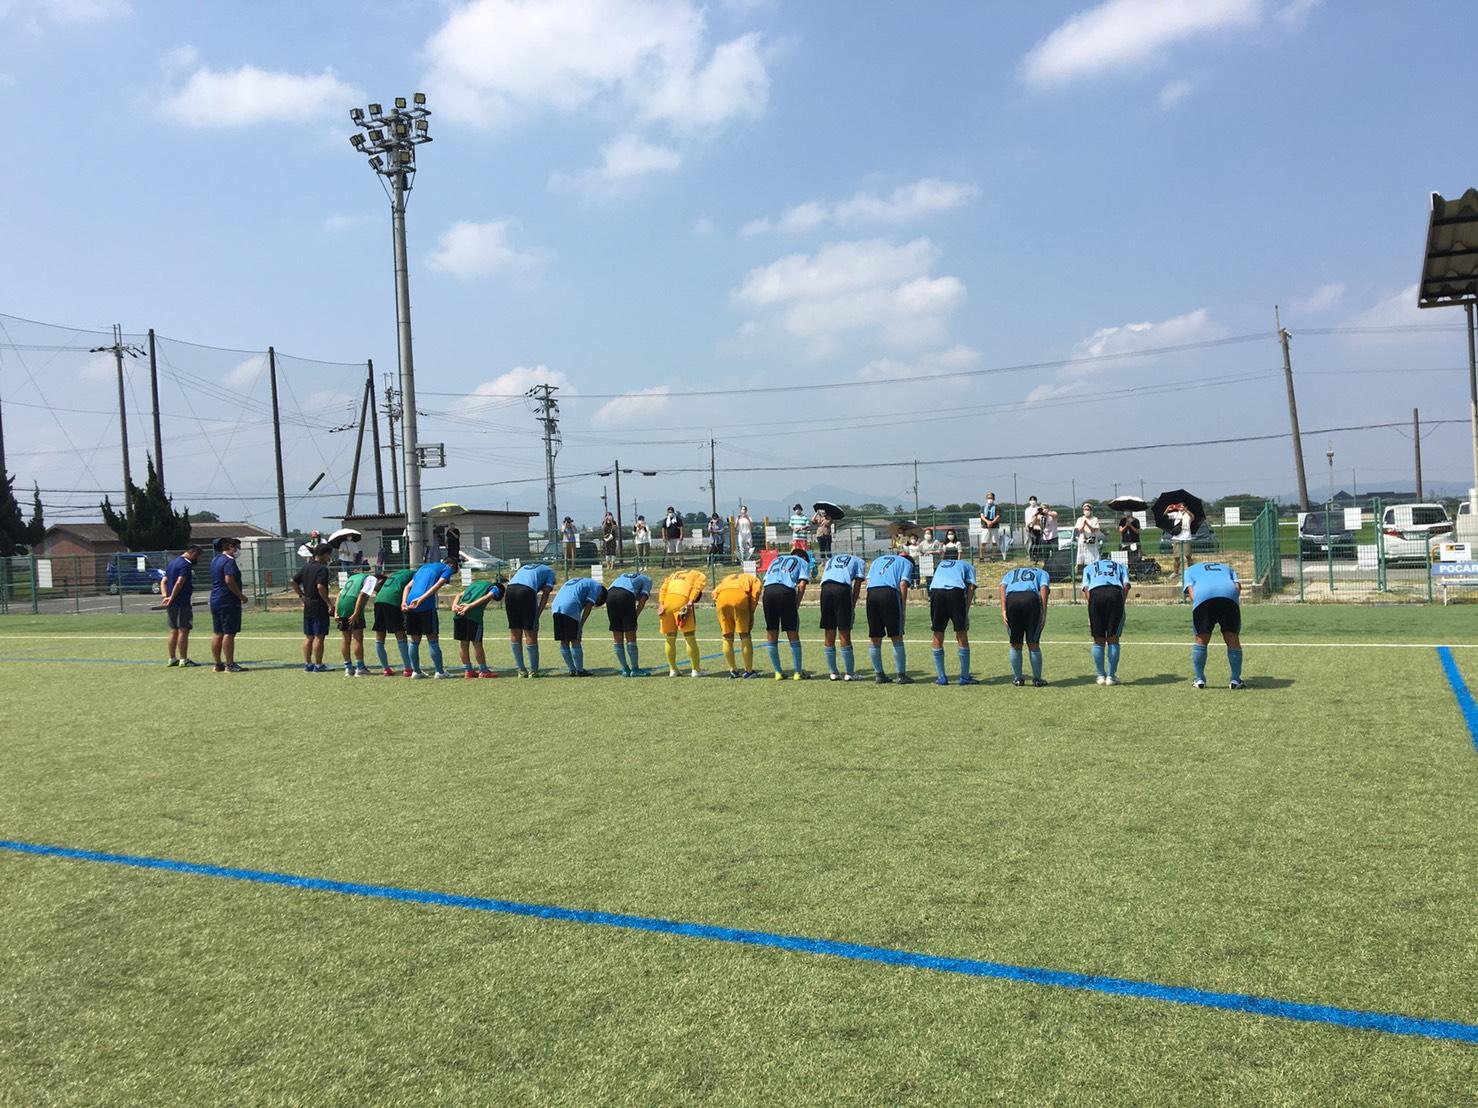 高円宮杯JFA 奈良県U-15サッカーリーグ 2020【1部, 2部】